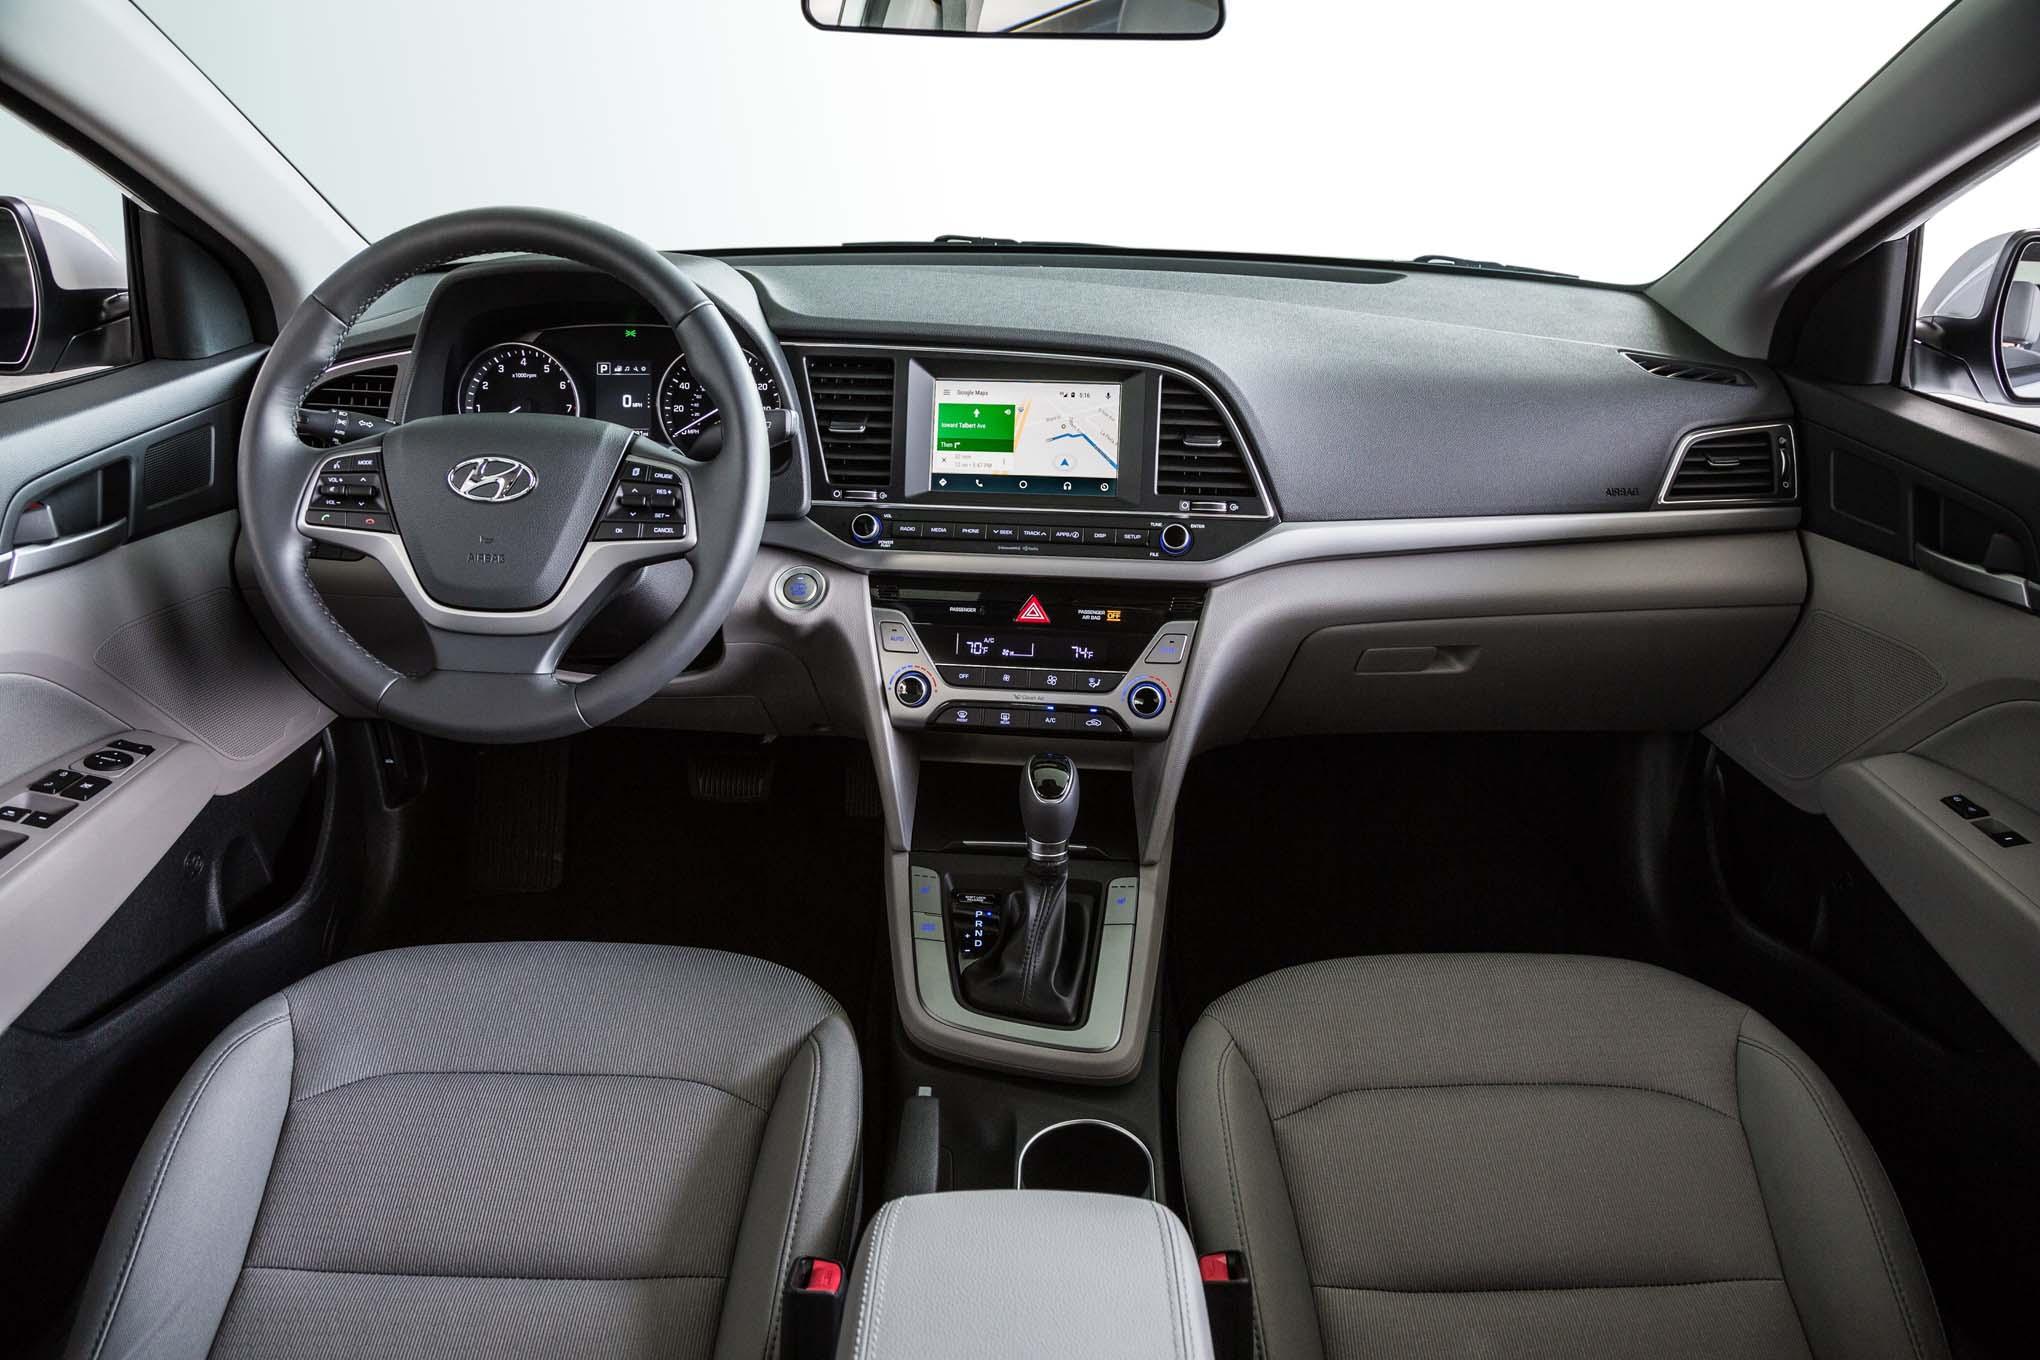 Hyundai Elantra Eco 2017 Primer Manejo